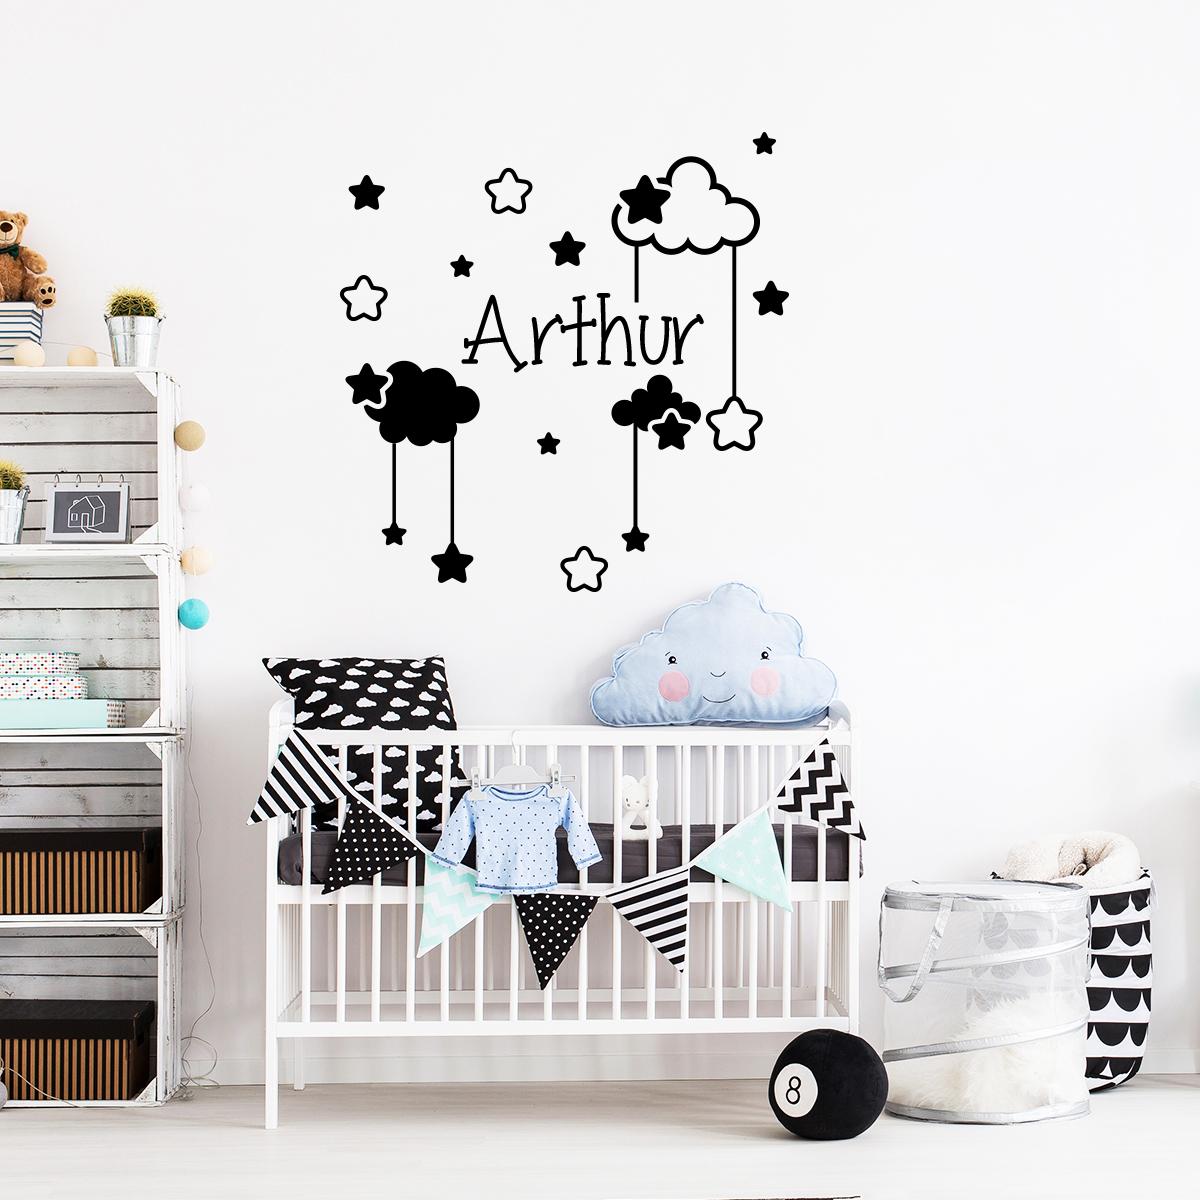 Sticker pr nom personnalis ciel toil entre les nuages chambre enfants pr noms ambiance - Stickers prenom porte chambre ...